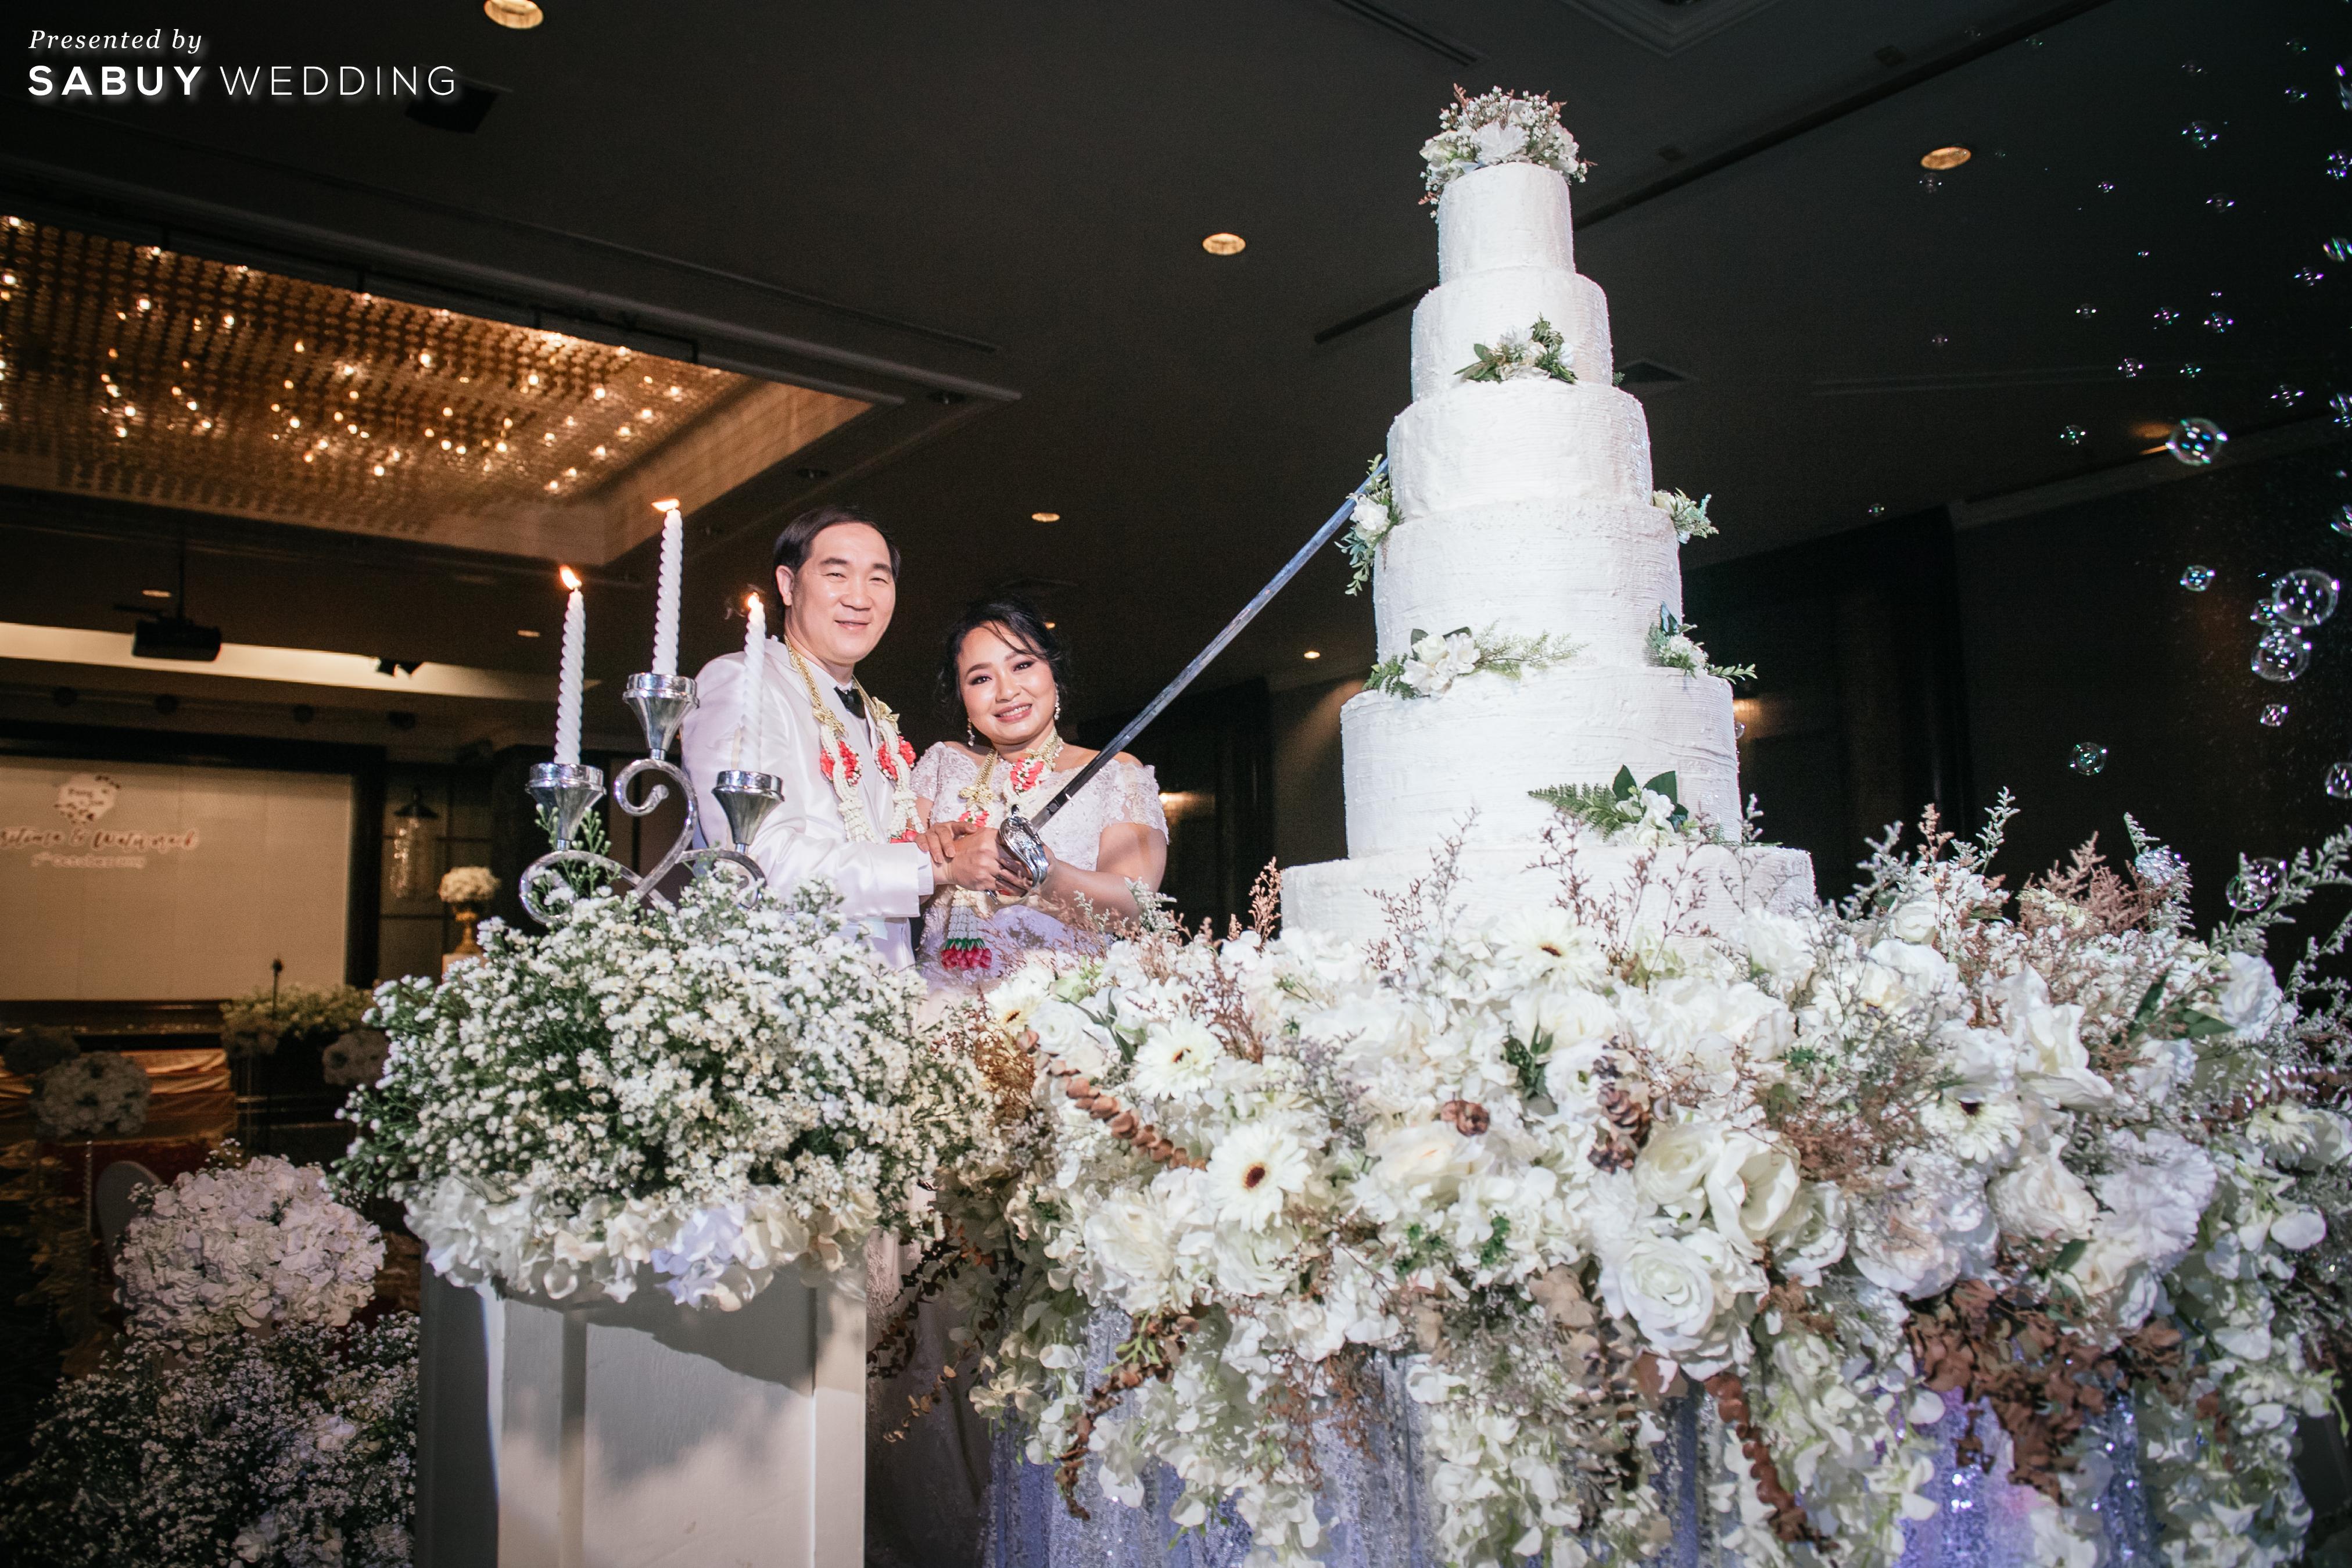 เค้กแต่งงาน,บับเบิ้ล,ชุดแต่งงาน,สถานที่แต่งงาน รีวิวงานแต่งสุดคลาสสิก กับกิมมิคแจกของรางวัล @ Narai Hotel